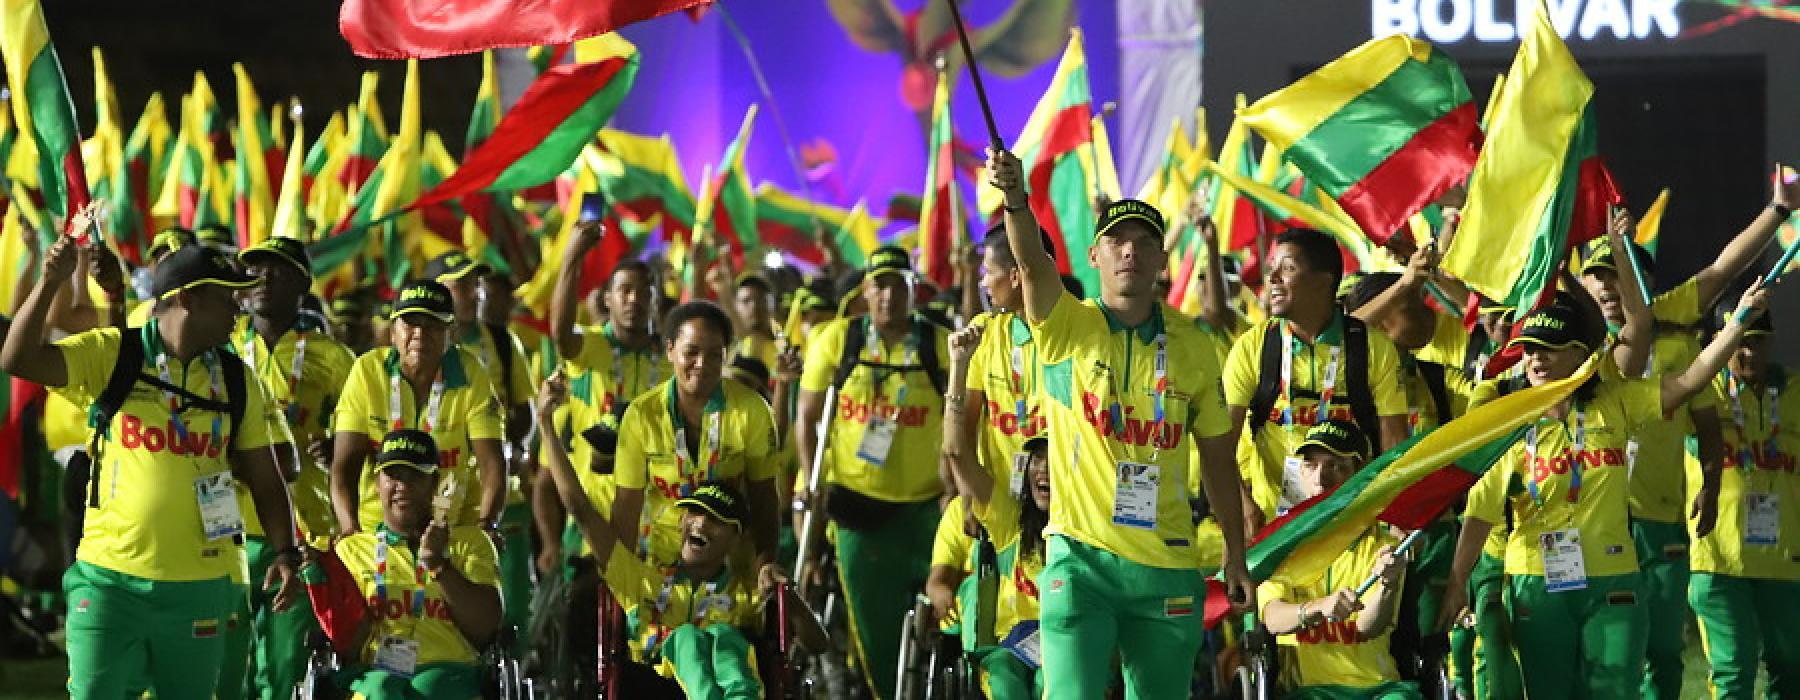 Comenzaron los Juegos Paranacionales en Bolívar